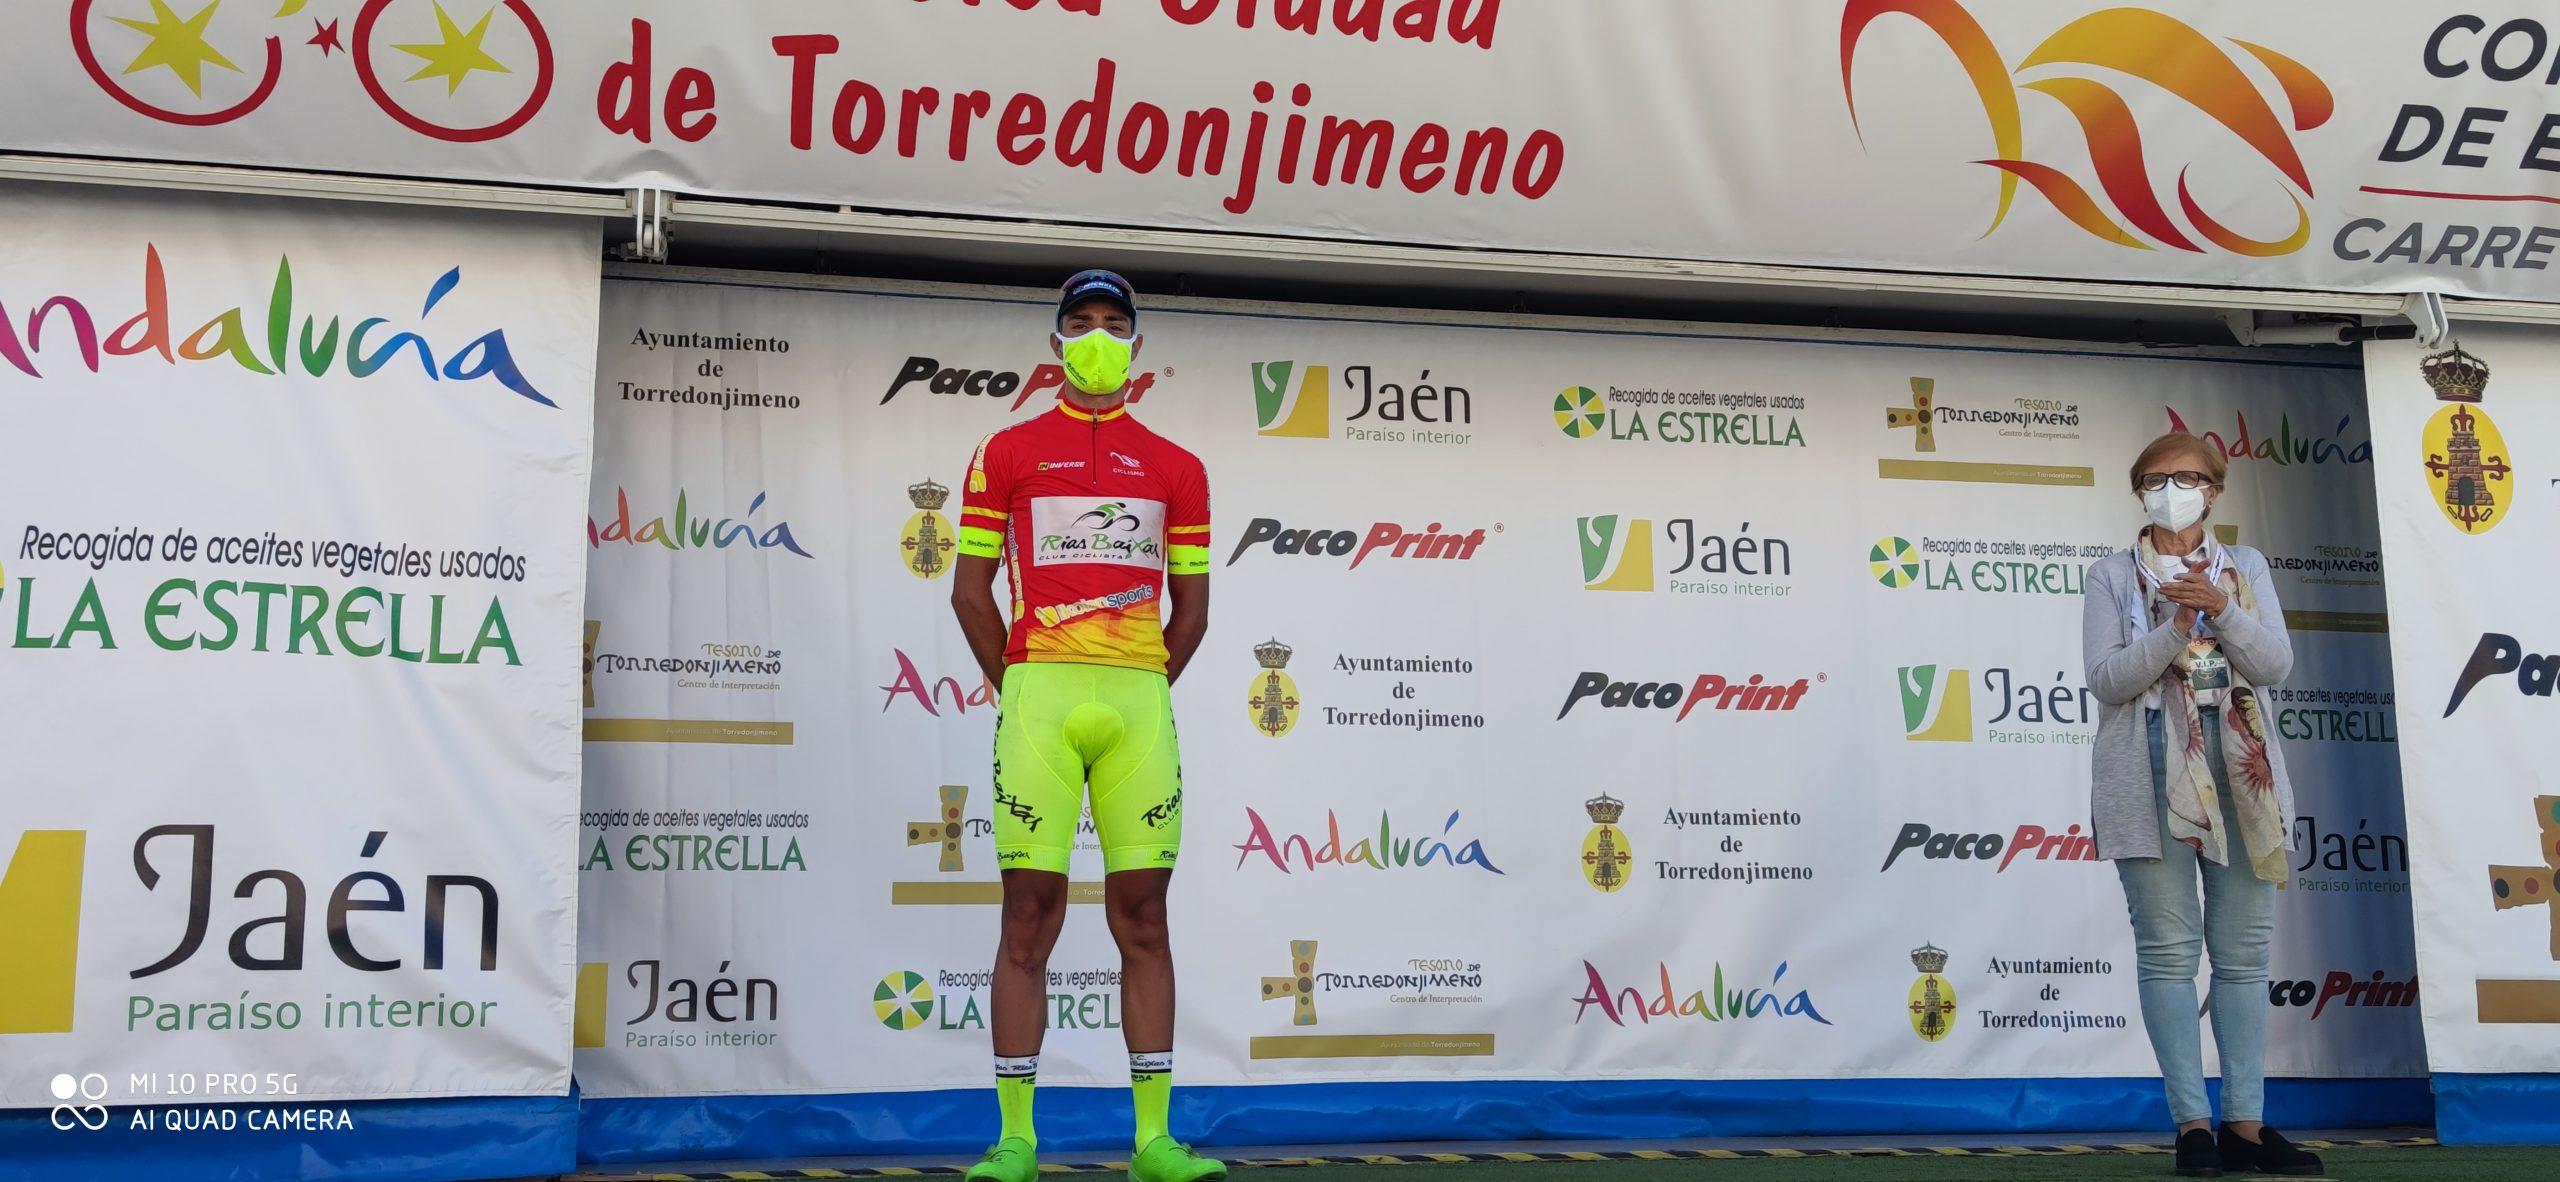 Moreira Vigo Rías Baixas Torredonjimeno